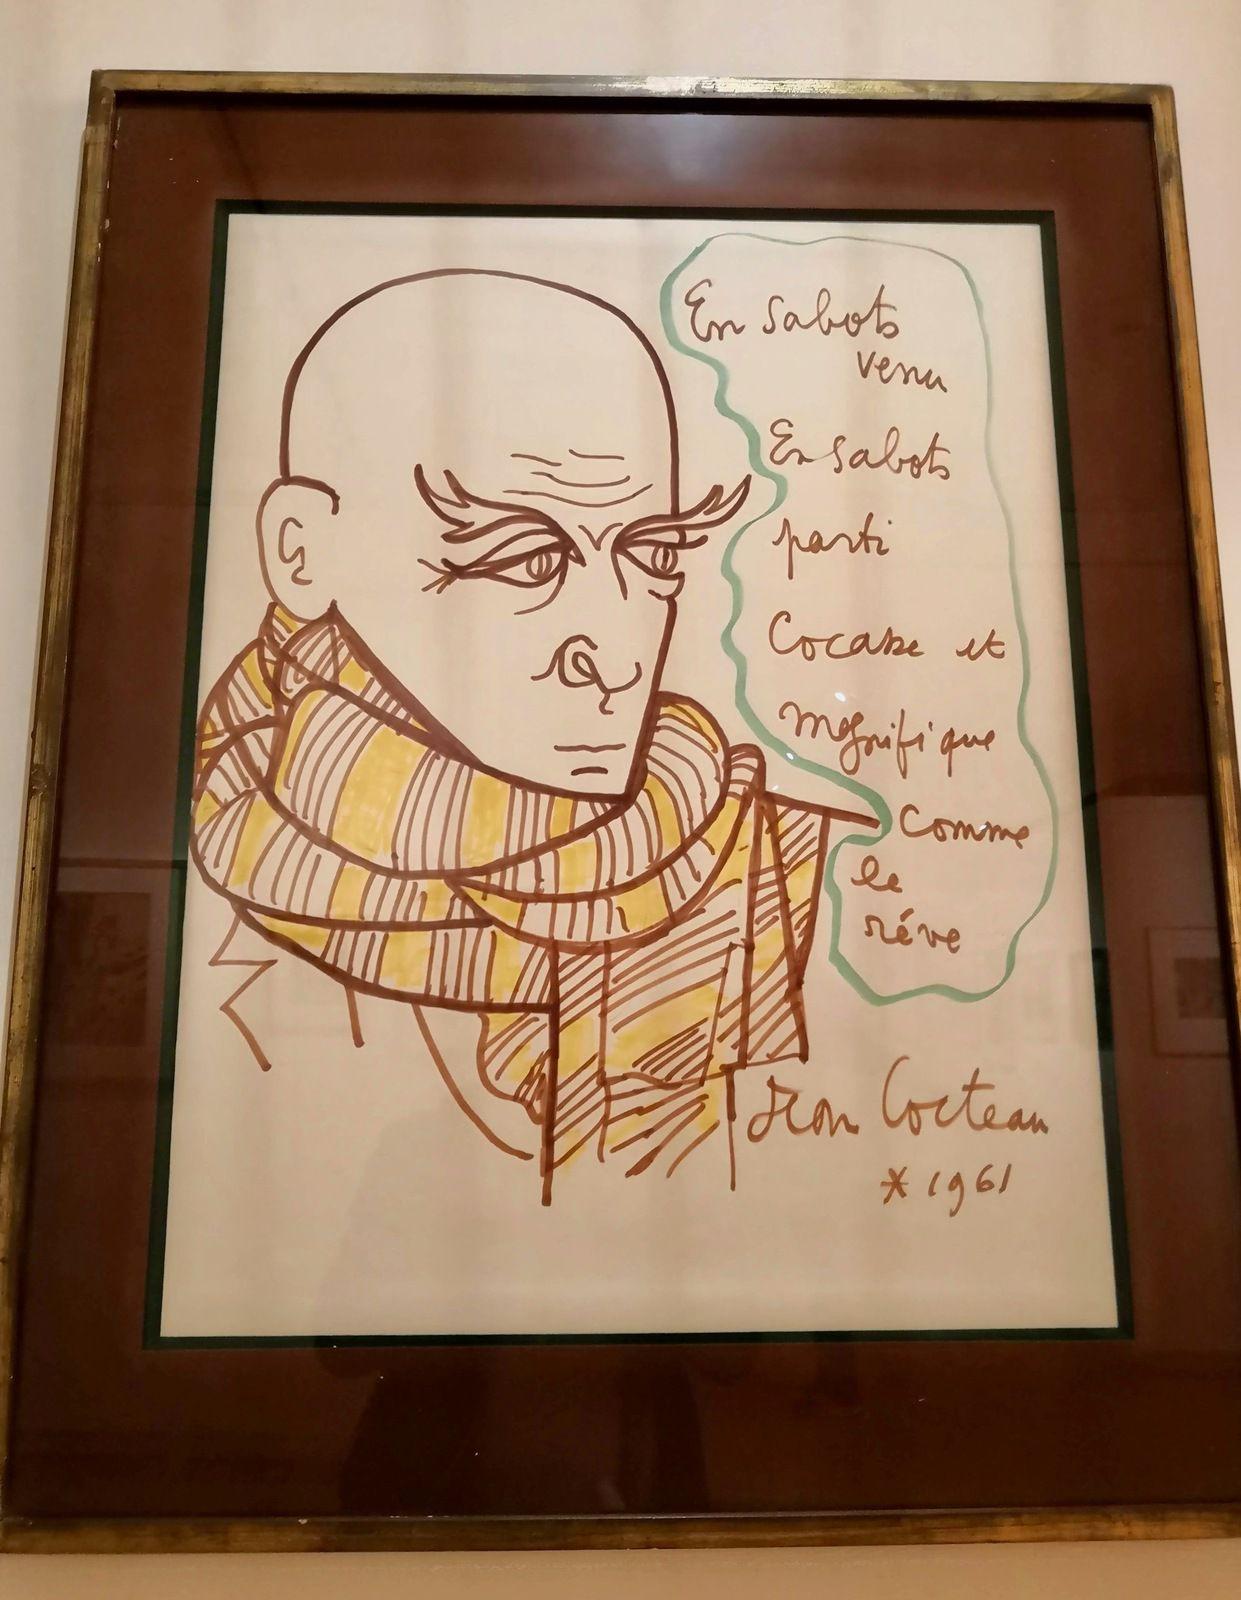 Jean Cocteau, Portrait de Max Jacob, en sabots venu, 1961, Feutres marron, jaunes et verts